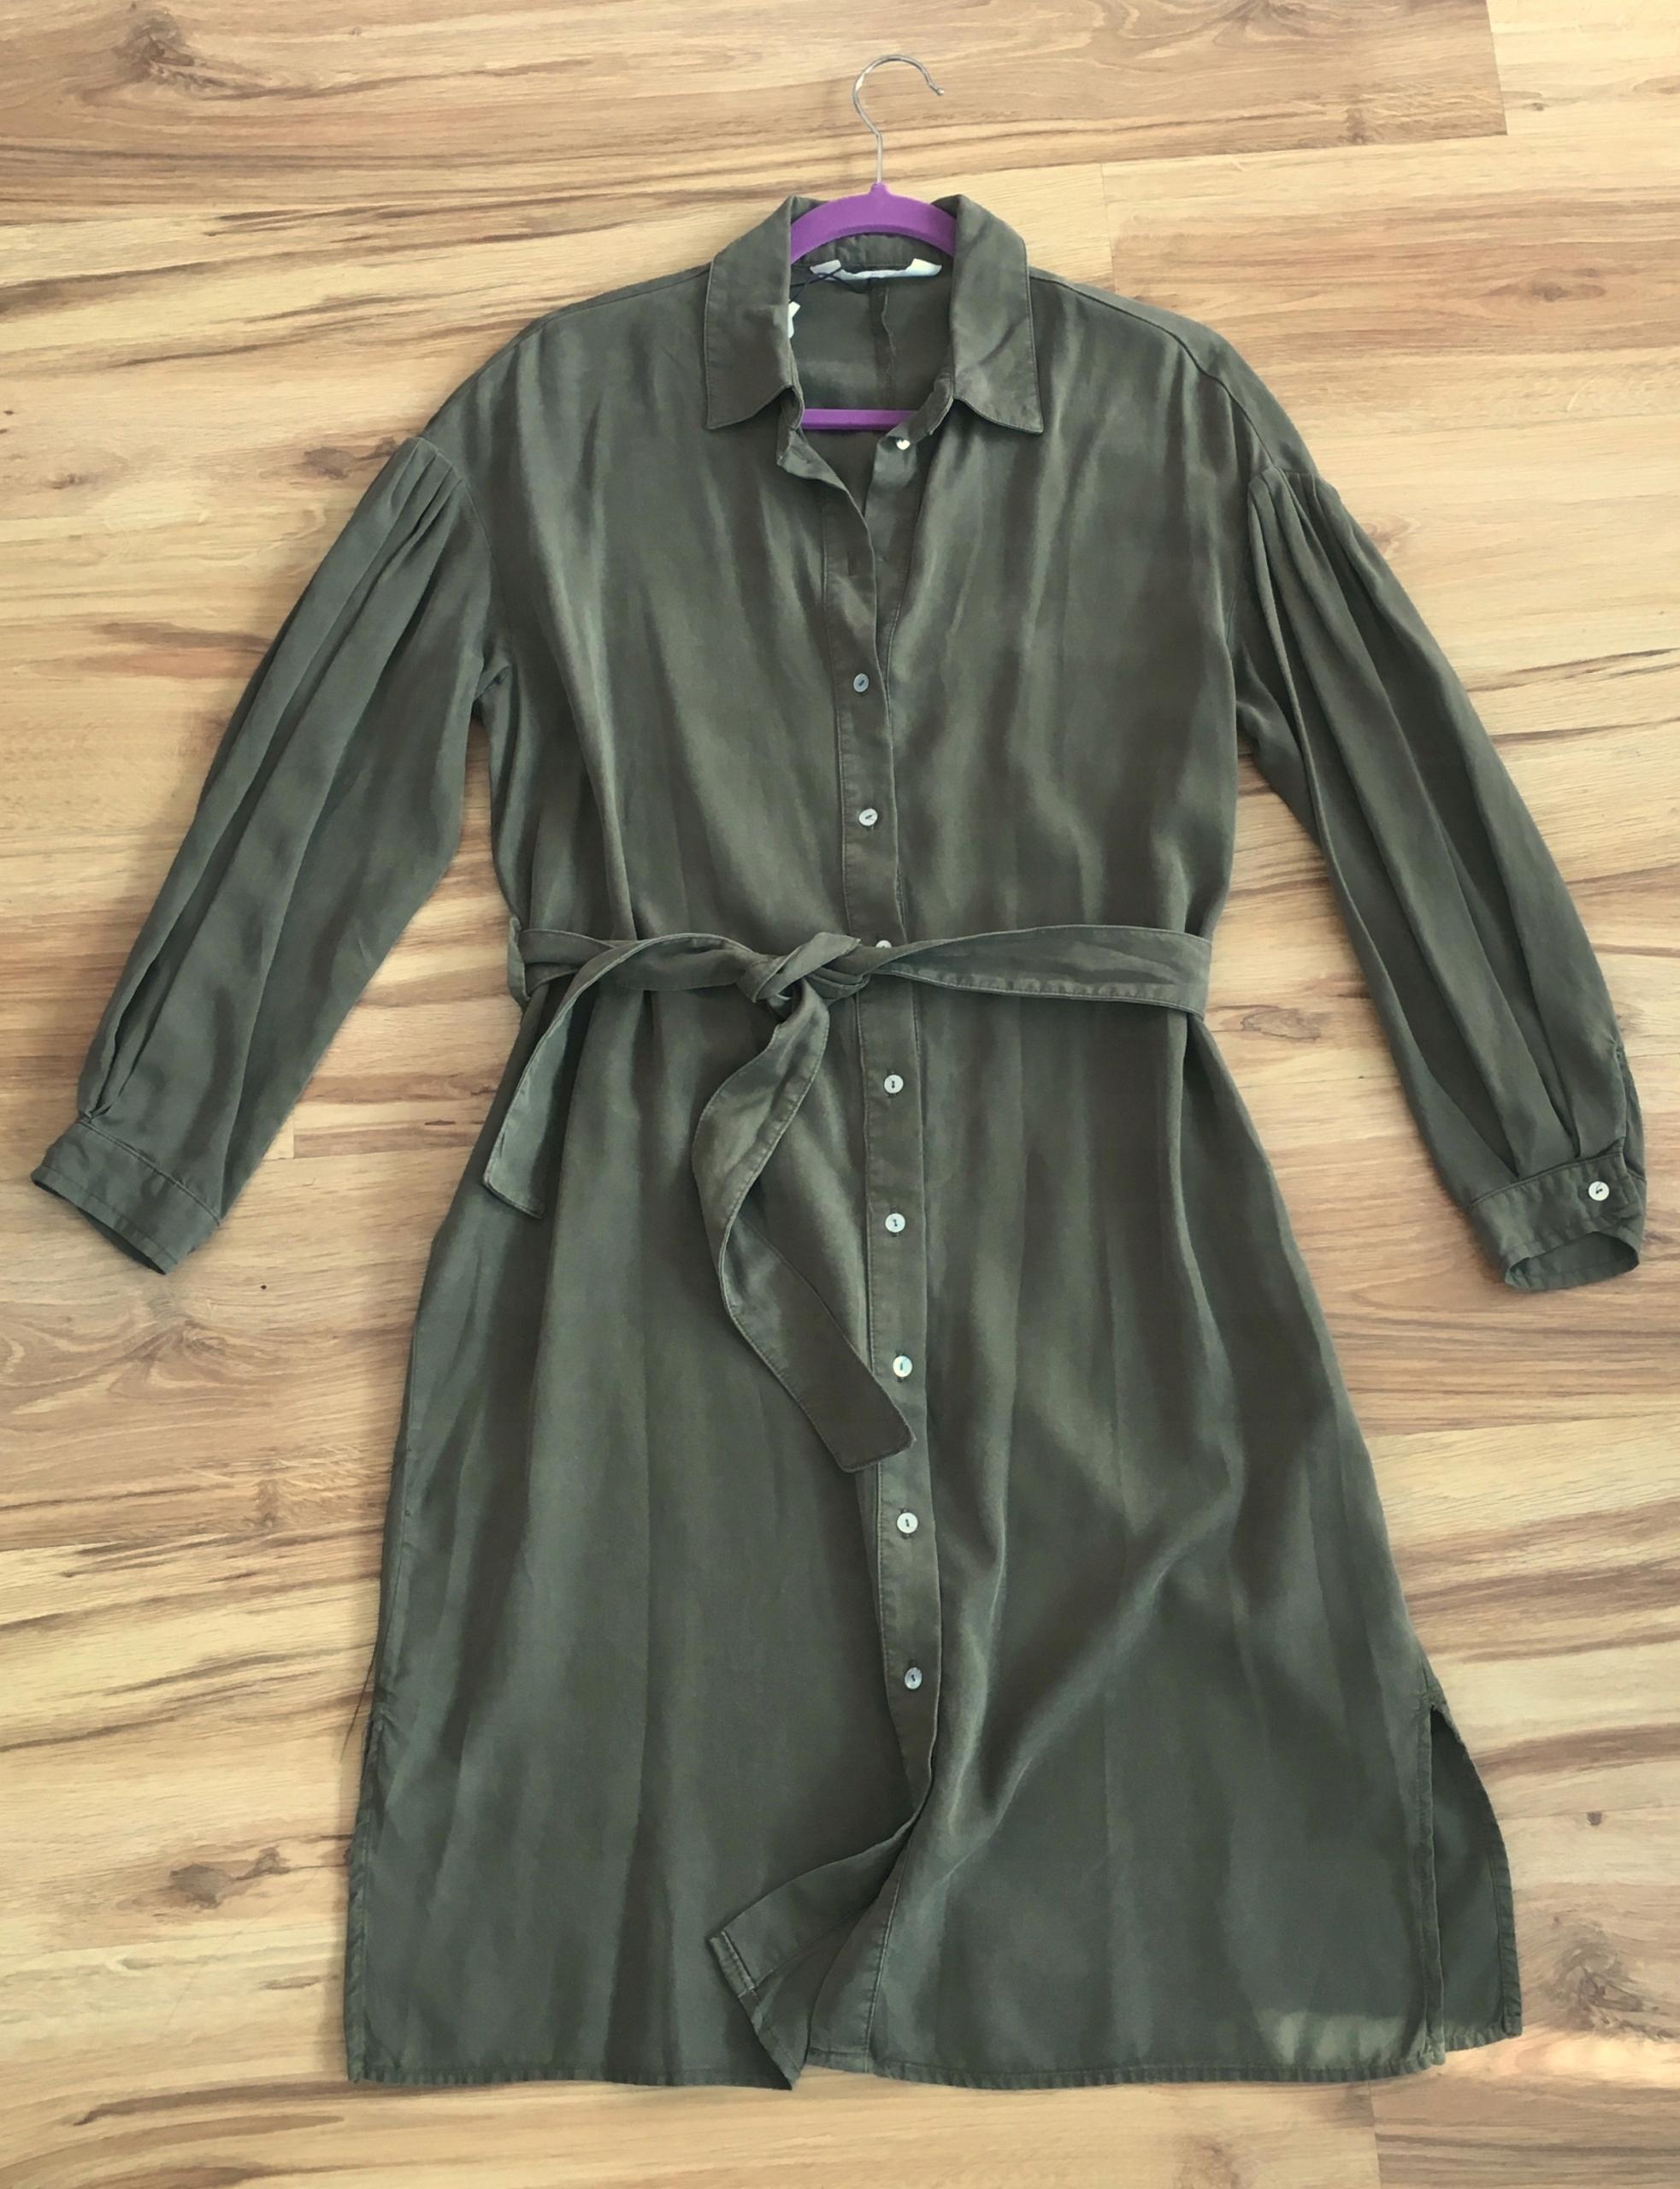 0d694b1553 ZARA luźna sukienka szmizjerka 38 M - 7544098275 - oficjalne ...